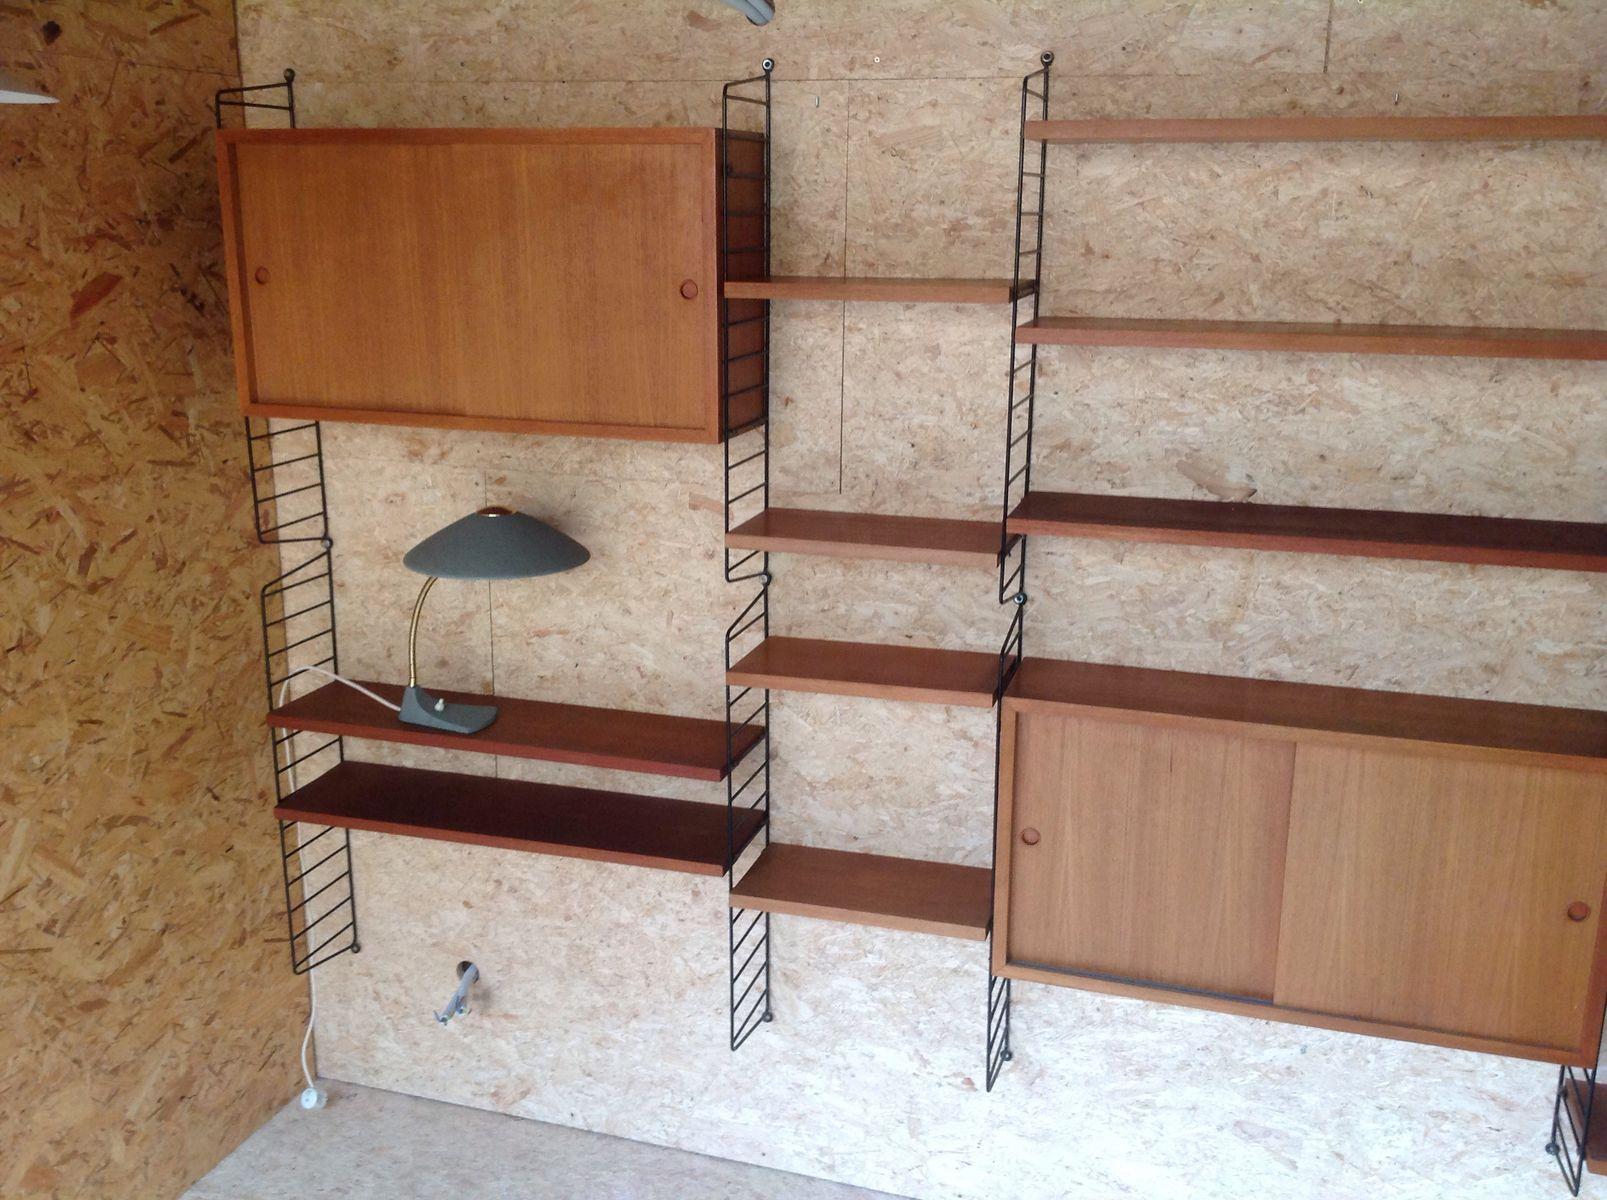 wandregal von nisse strinning f r string 1959 bei pamono kaufen. Black Bedroom Furniture Sets. Home Design Ideas